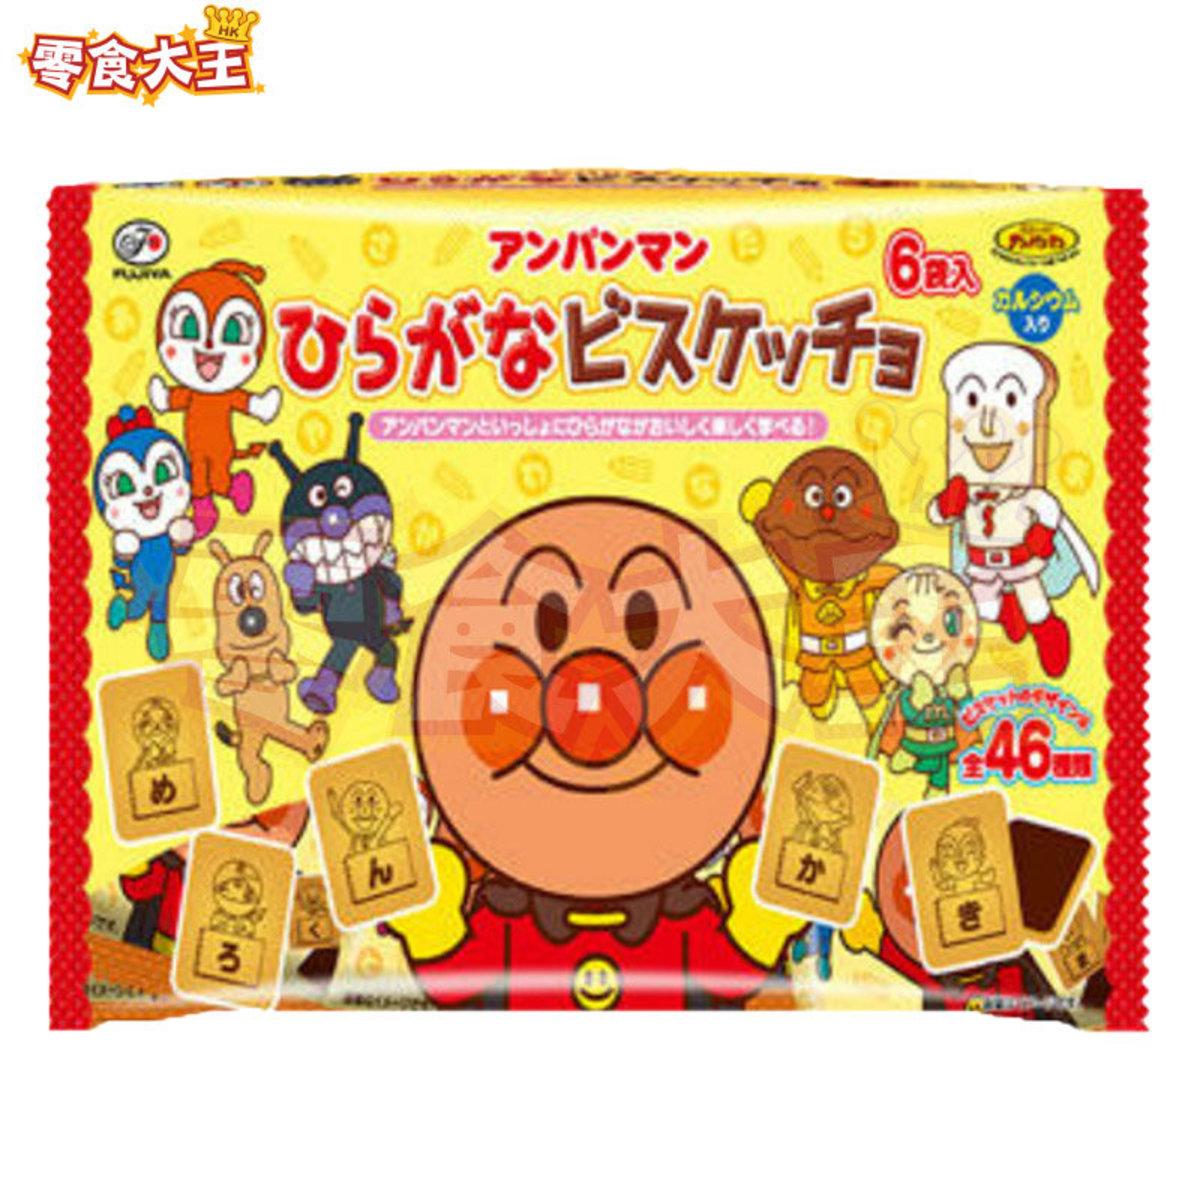 麵包超人朱古力味餅乾 (6包入) 108g (4902555133591)